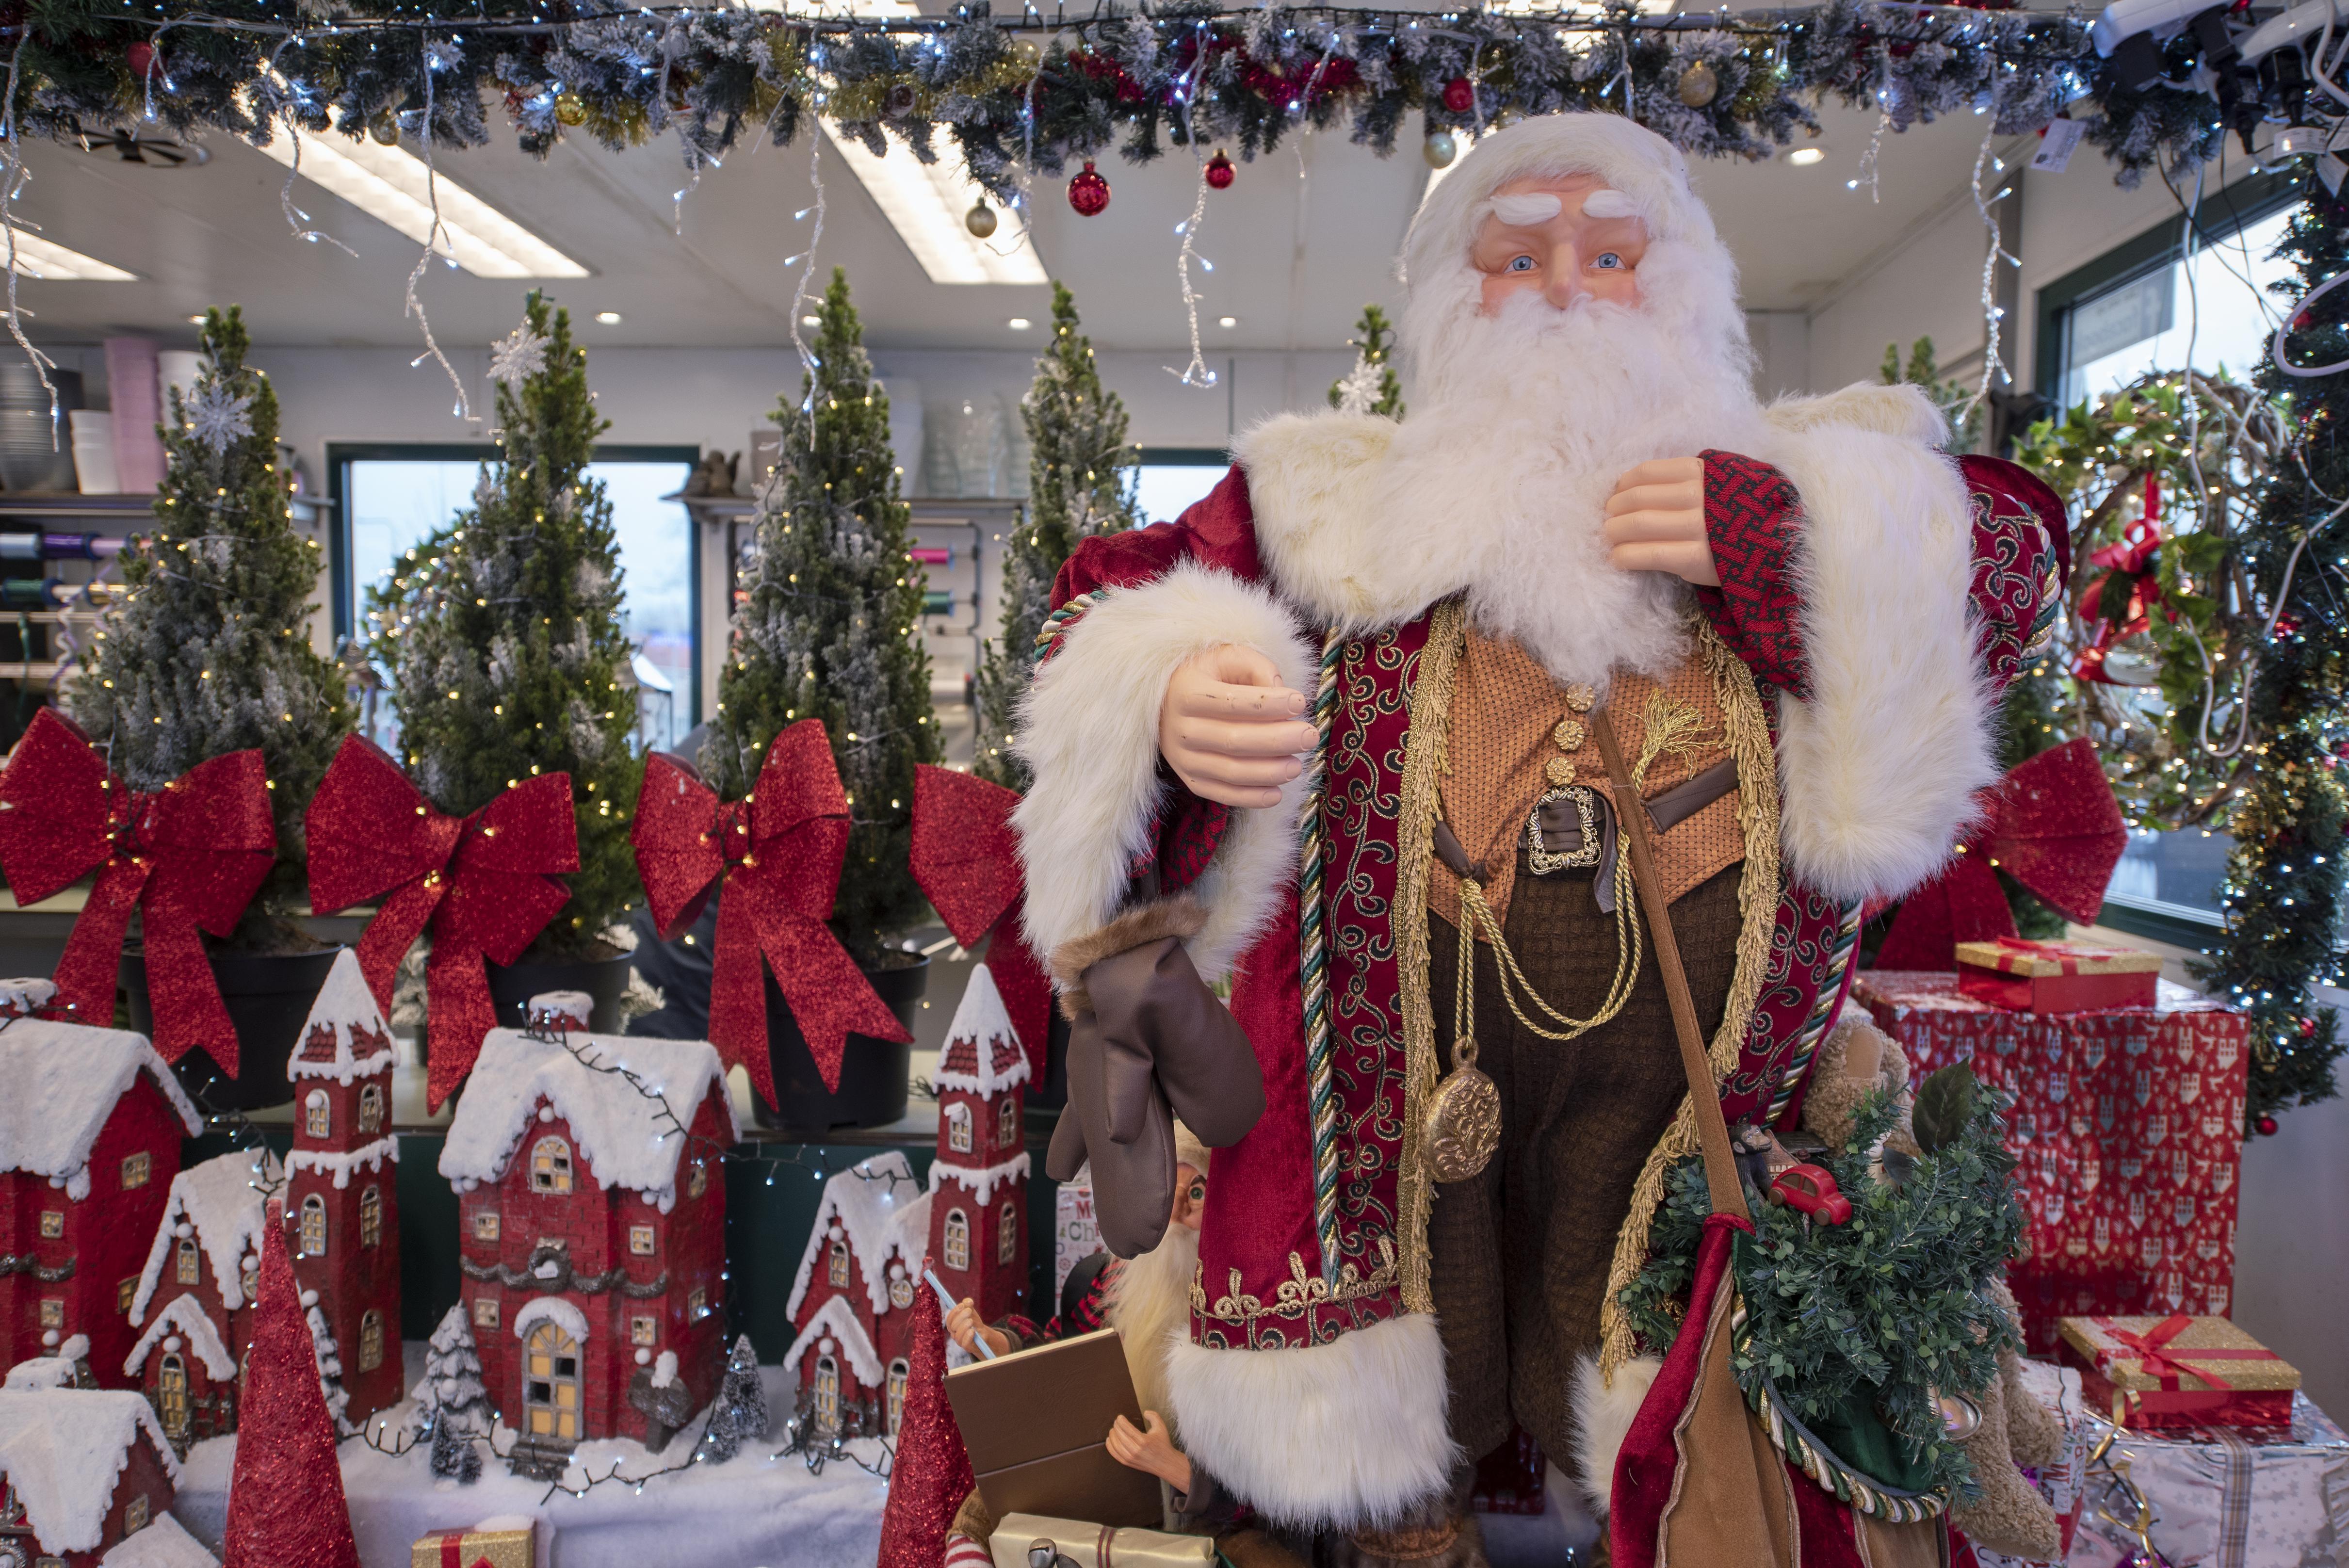 Magisch moment: kerst in huis, 'Het is geen geheim, ik hou van de kerst'